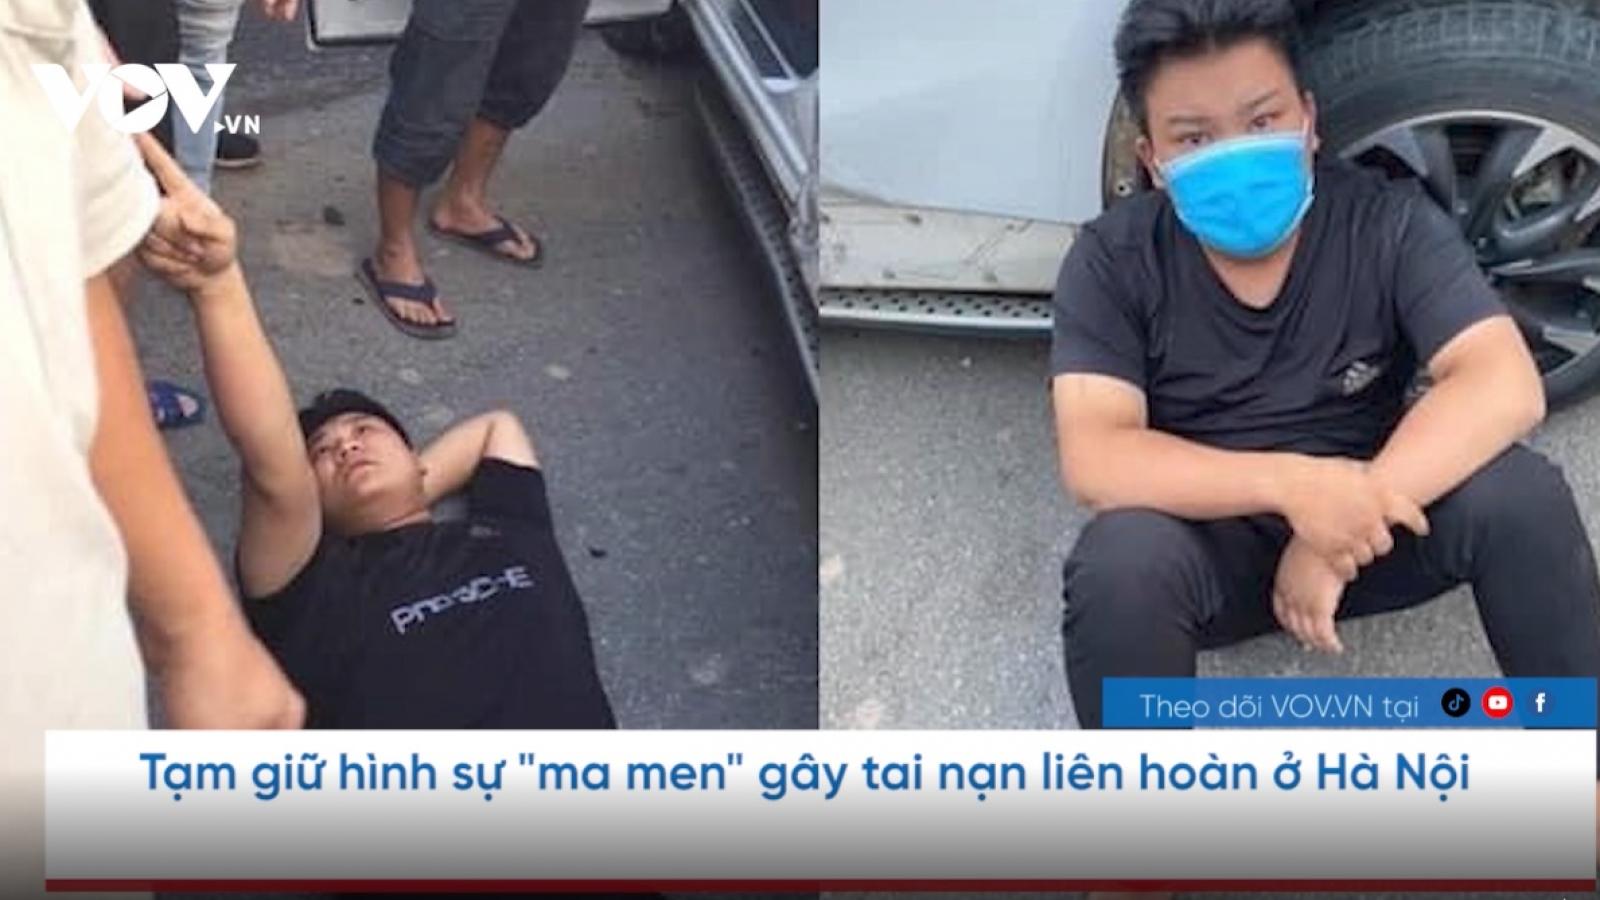 """Nóng 24h: Tạm giữ hình sự """"ma men"""" gây tai nạn liên hoàn ở Hà Nội"""